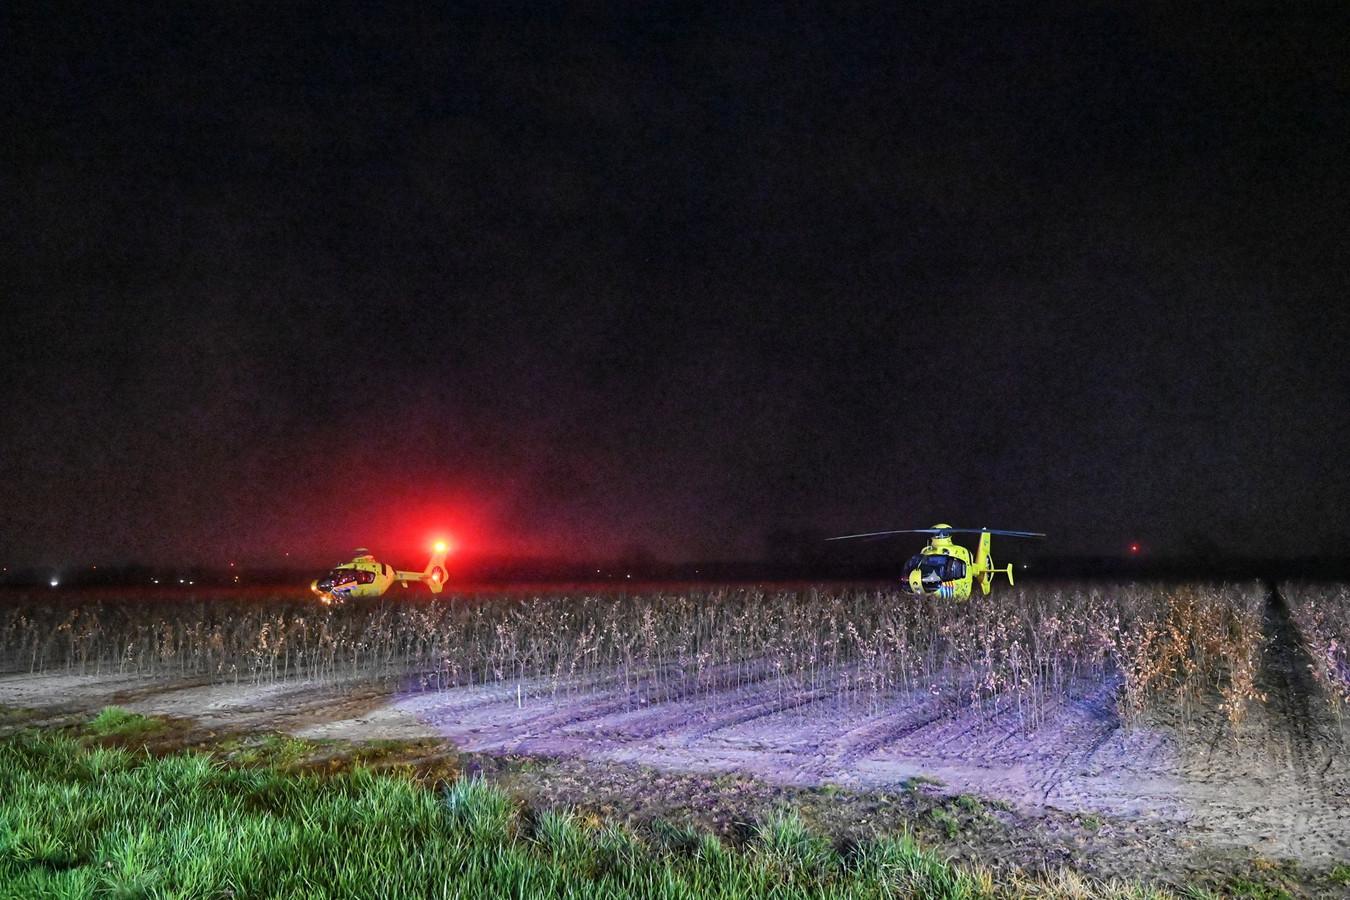 Ernstige aanrijding in Wernhout, traumahelikopter moet komen voor twee mensen die op de motor zaten waar een vrachtwagen op botste.